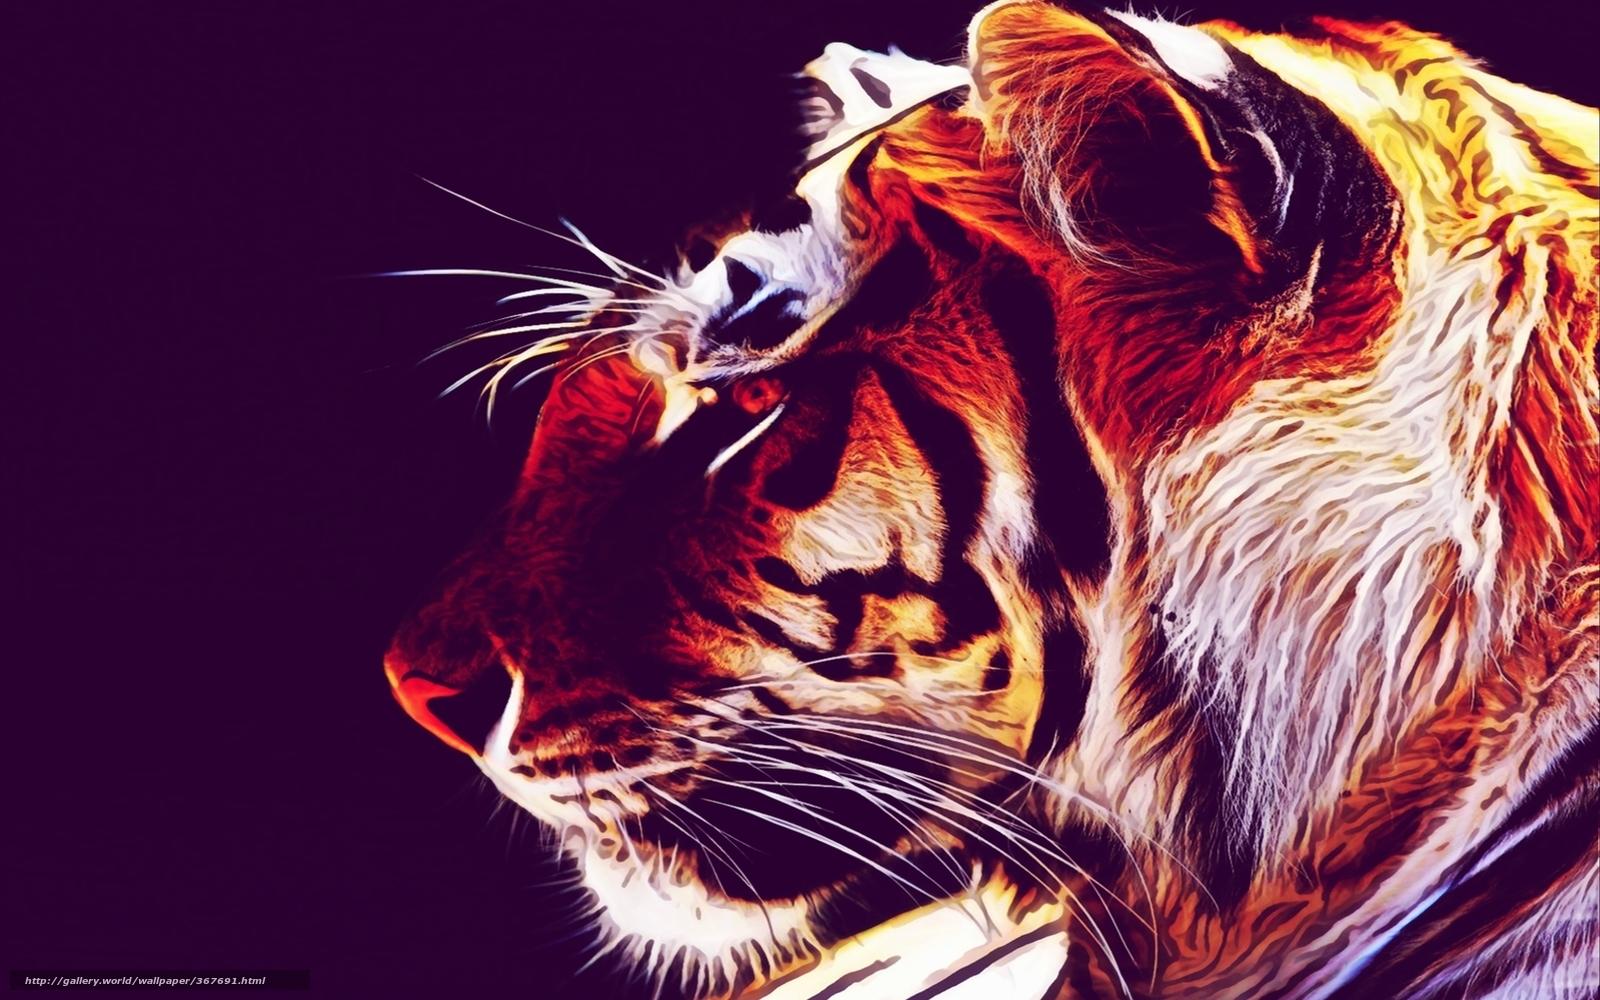 Tlcharger fond d 39 ecran tigre papier peint fond style for Fond decran styler